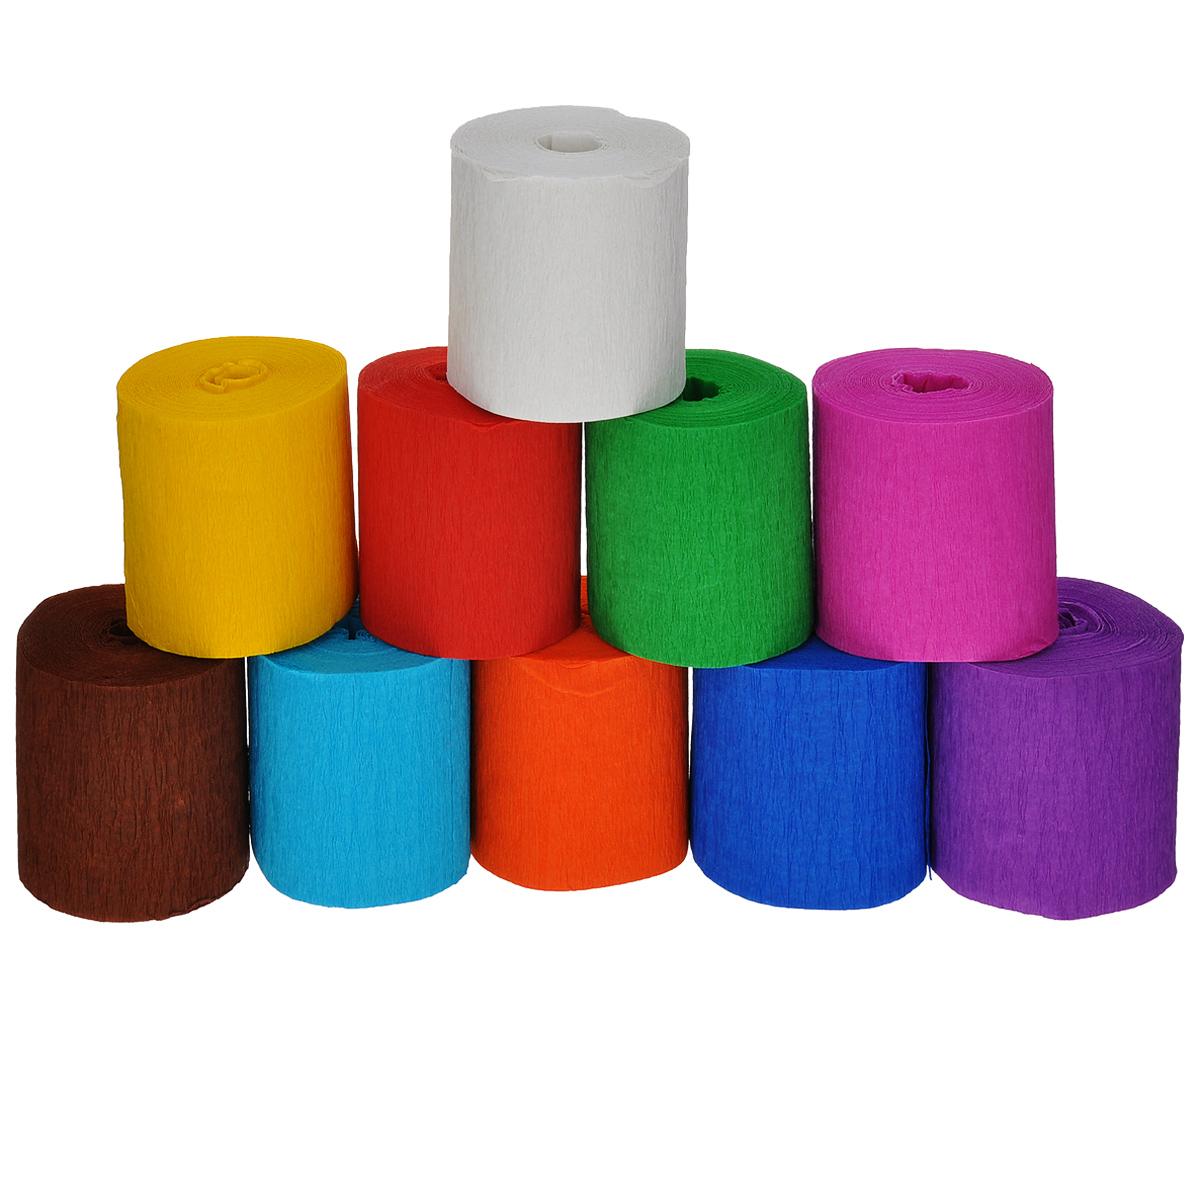 Креп-бумага Folia, 5 х 10 м, 10 рулоновCP06360Креп-бумага Folia - отличный материал для изготовления искусственных цветов, оформления букетов, упаковки подарков, украшения помещений. Неводостойкая - может краситься. Крепированная или креп бумага - бумага мелкого гофрирования, она бархатистая на ощупь, значительно мягче и нежнее, чем обычная гофрированная бумага. Такая бумага является прекрасным поделочным материалом. Ширина: 5 см. Длина одного рулона: 10 м. Комплектация: 10 рулонов.